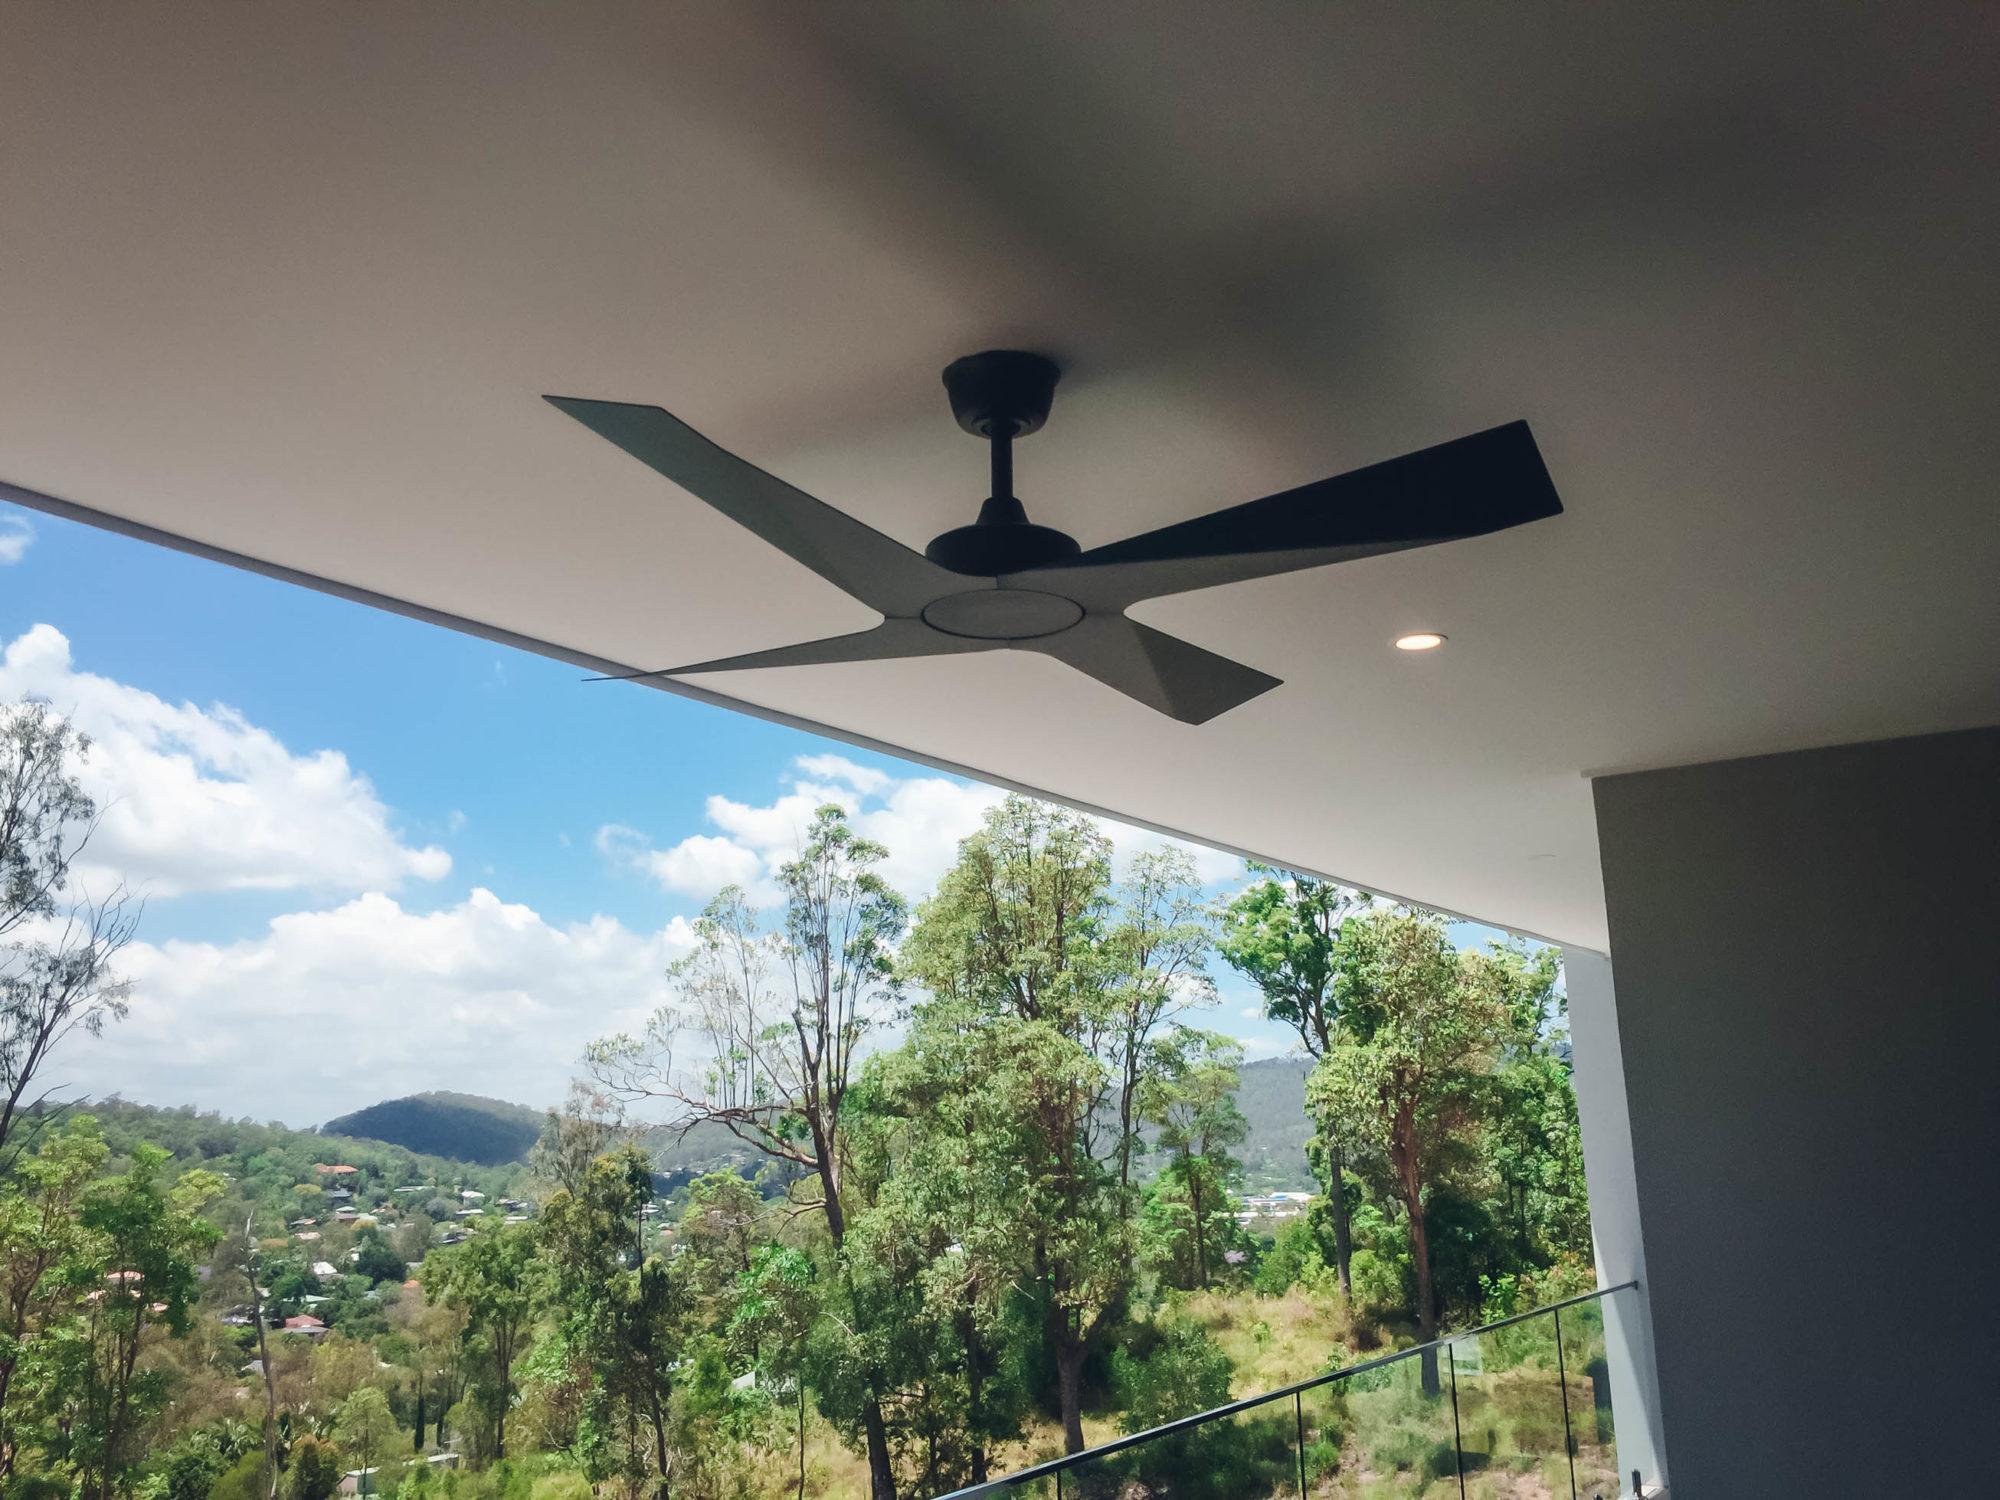 Modn 4 Ceiling Fan 10